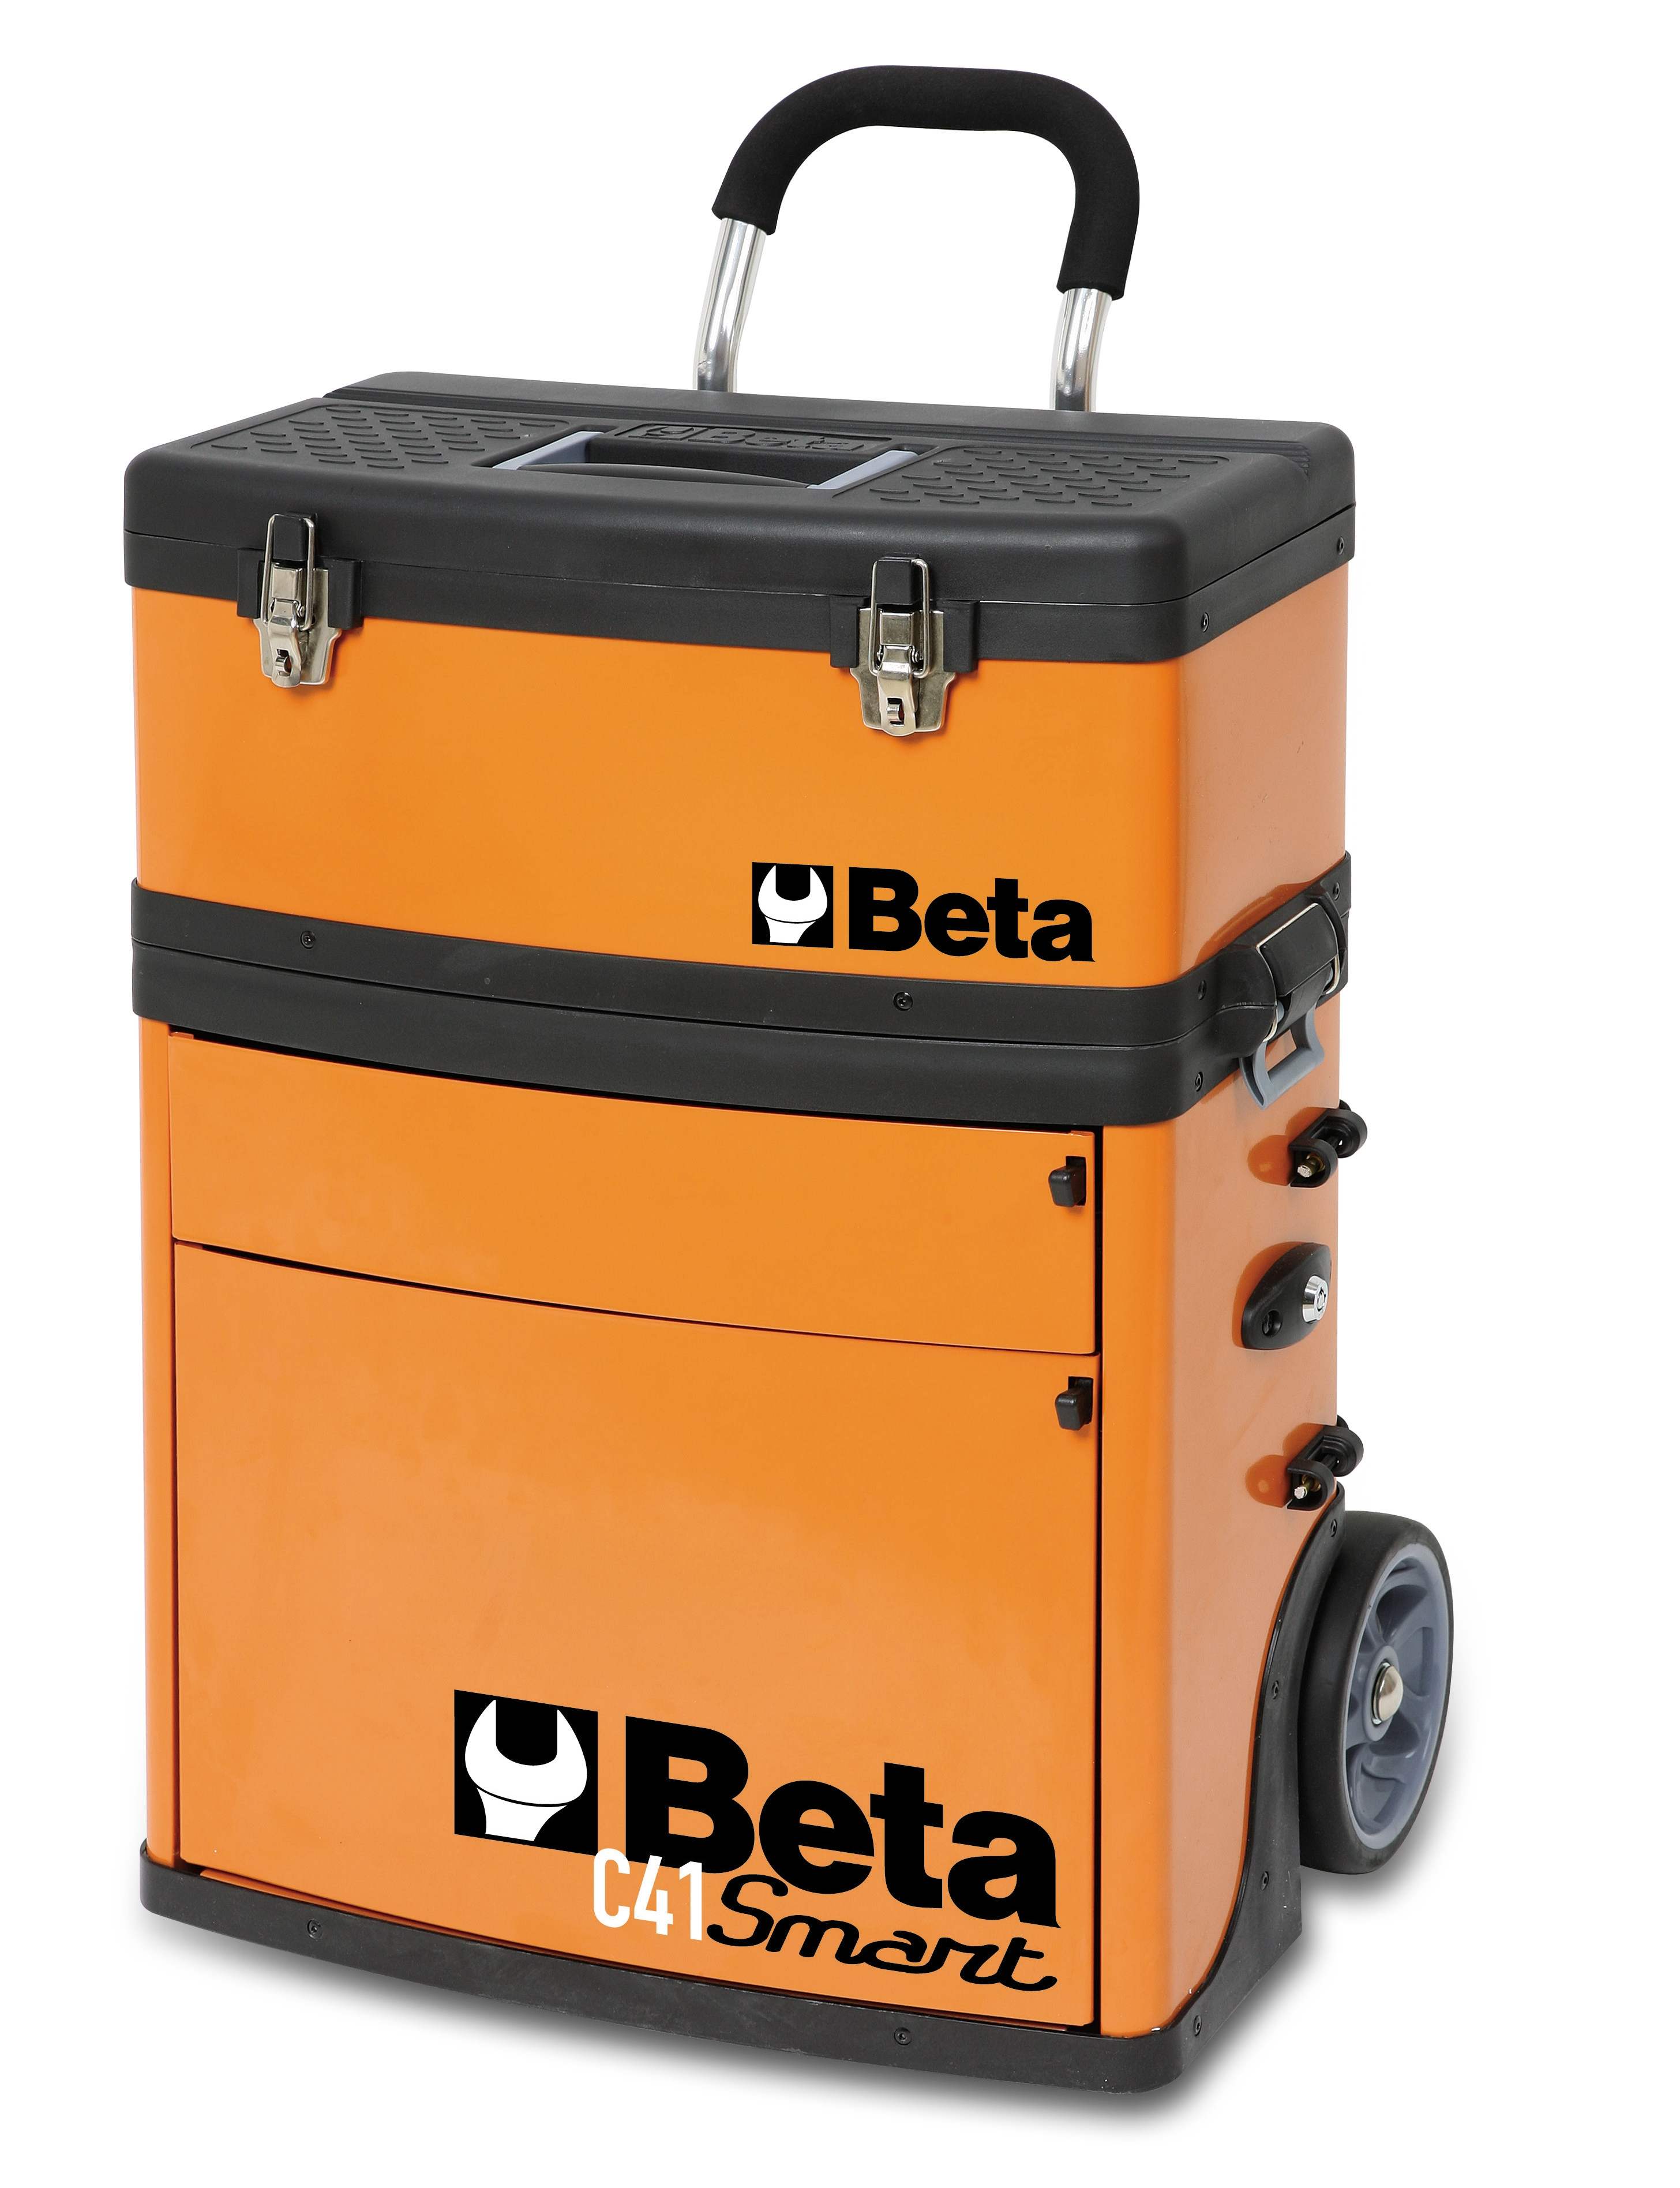 Trolley C41S - 4100S - BETA Utensili